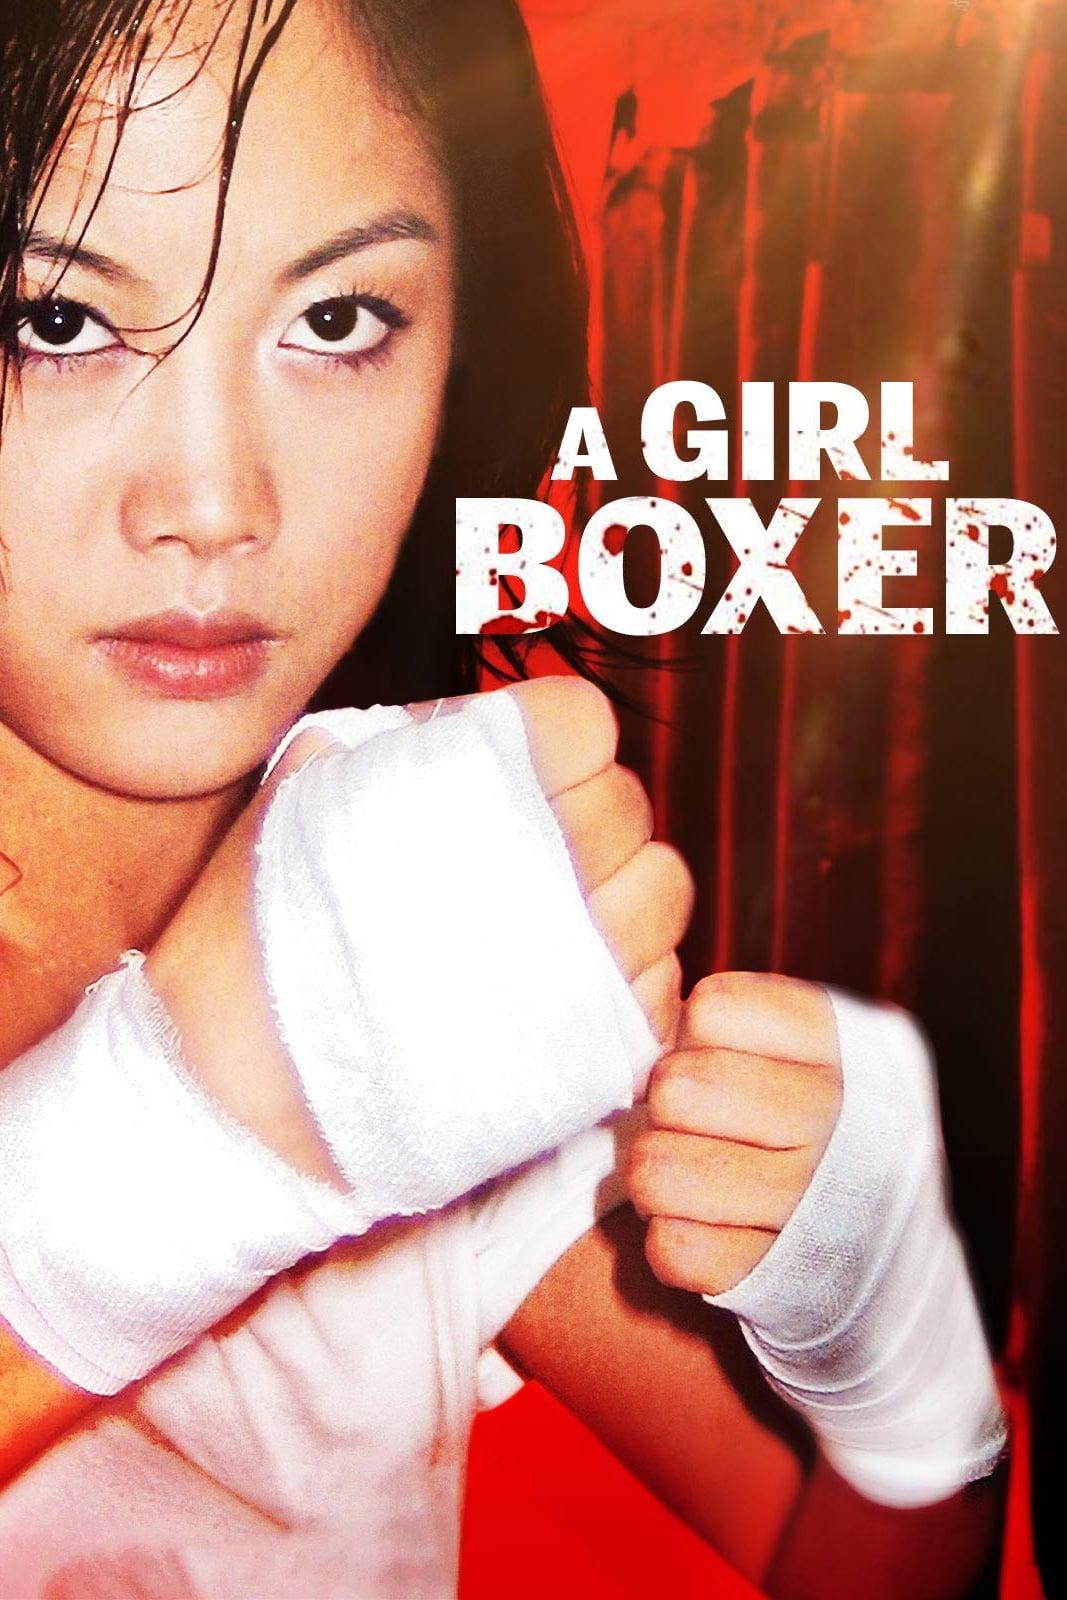 A Girl Boxer